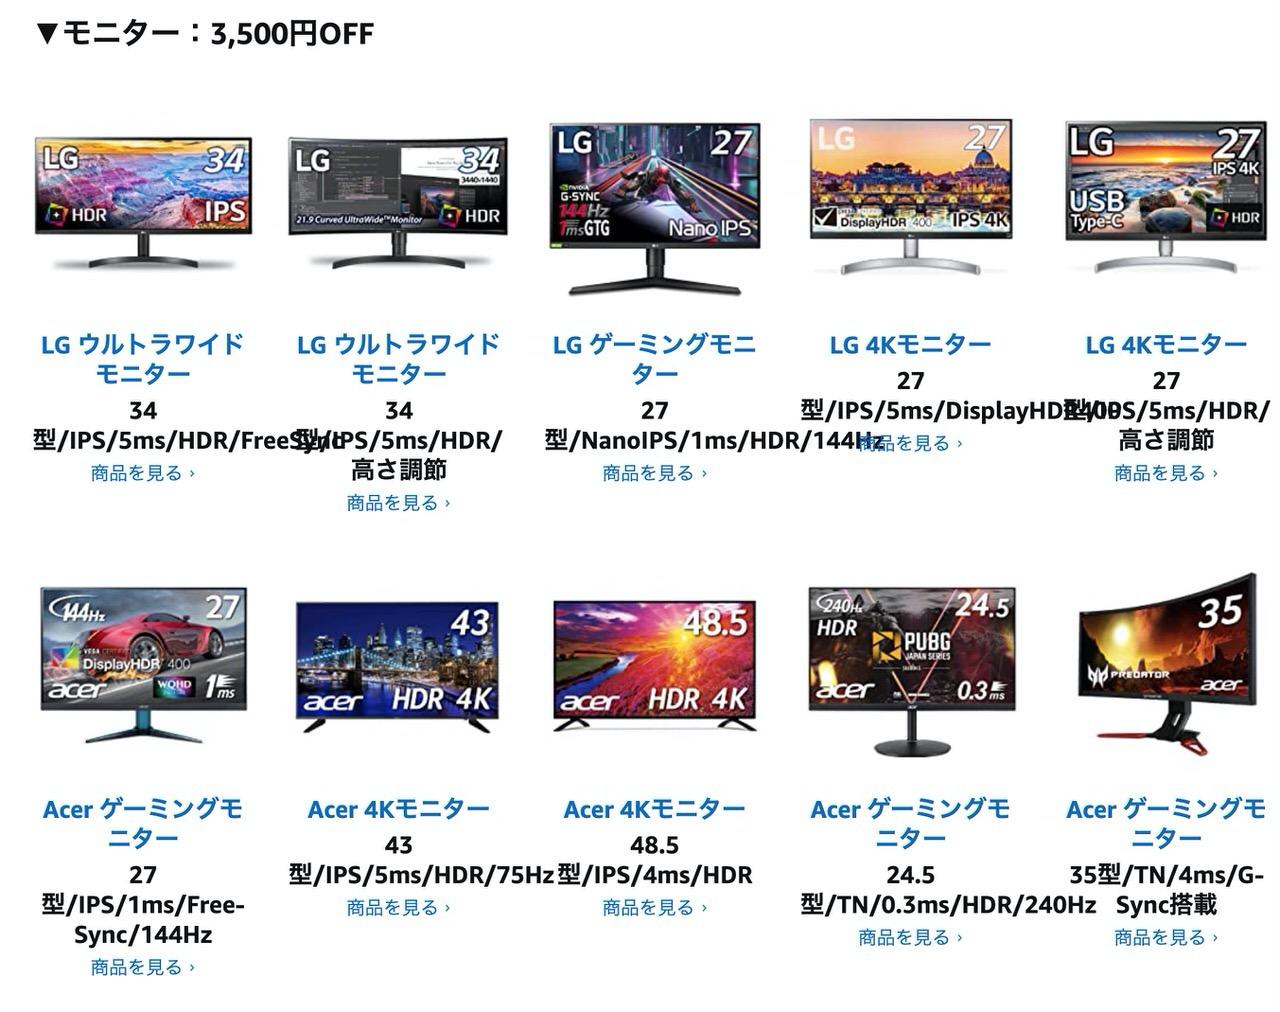 Amazonギフト券のチャージで対象のモニター・ノートPCが最大10,000円オフになるキャンペーン(5/15まで)